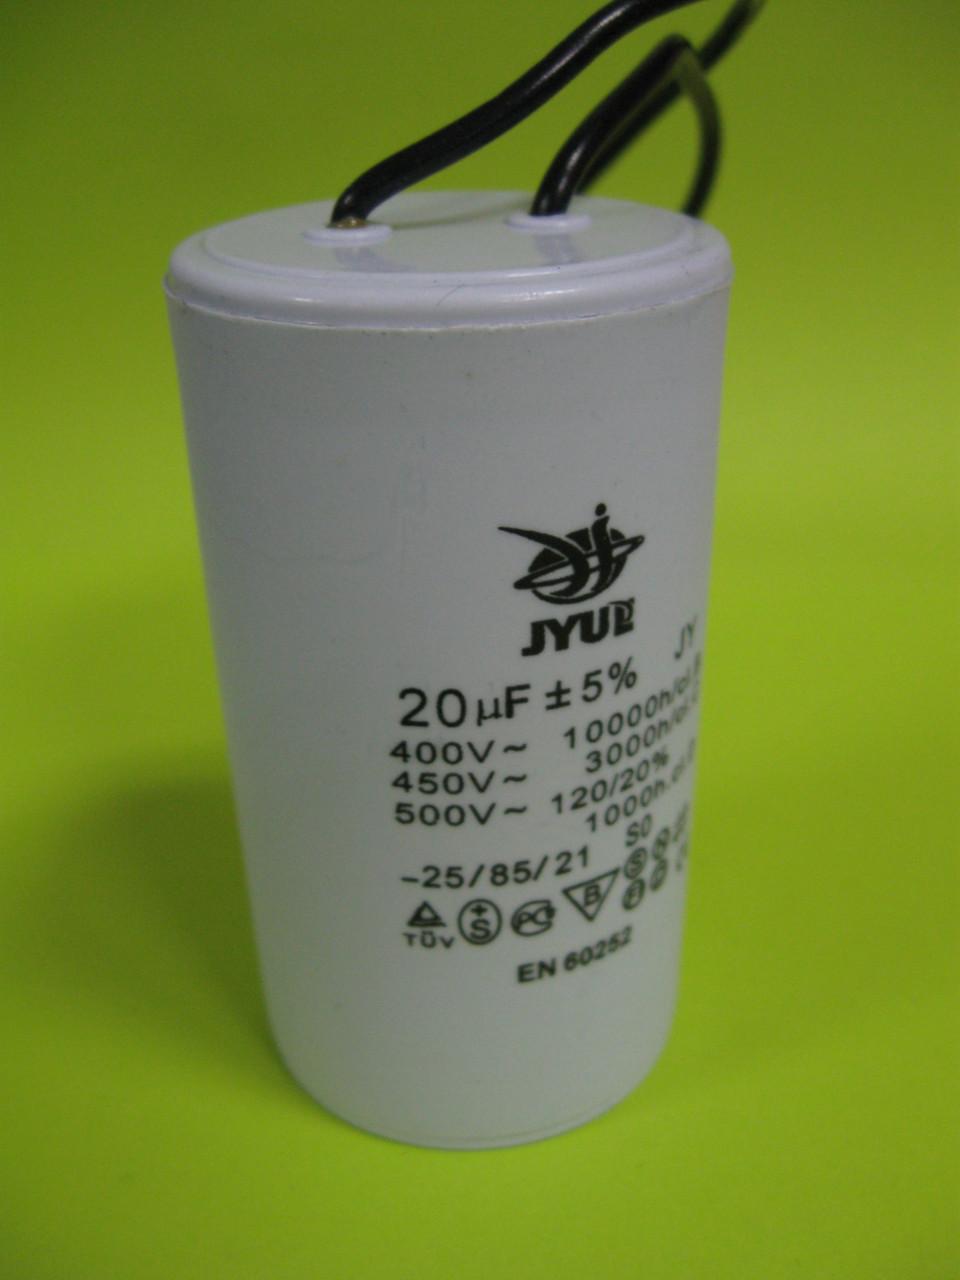 Конденсатор пусковой CBB-60 20uF 450VAC 40*70 Гибкие выводы JYUL